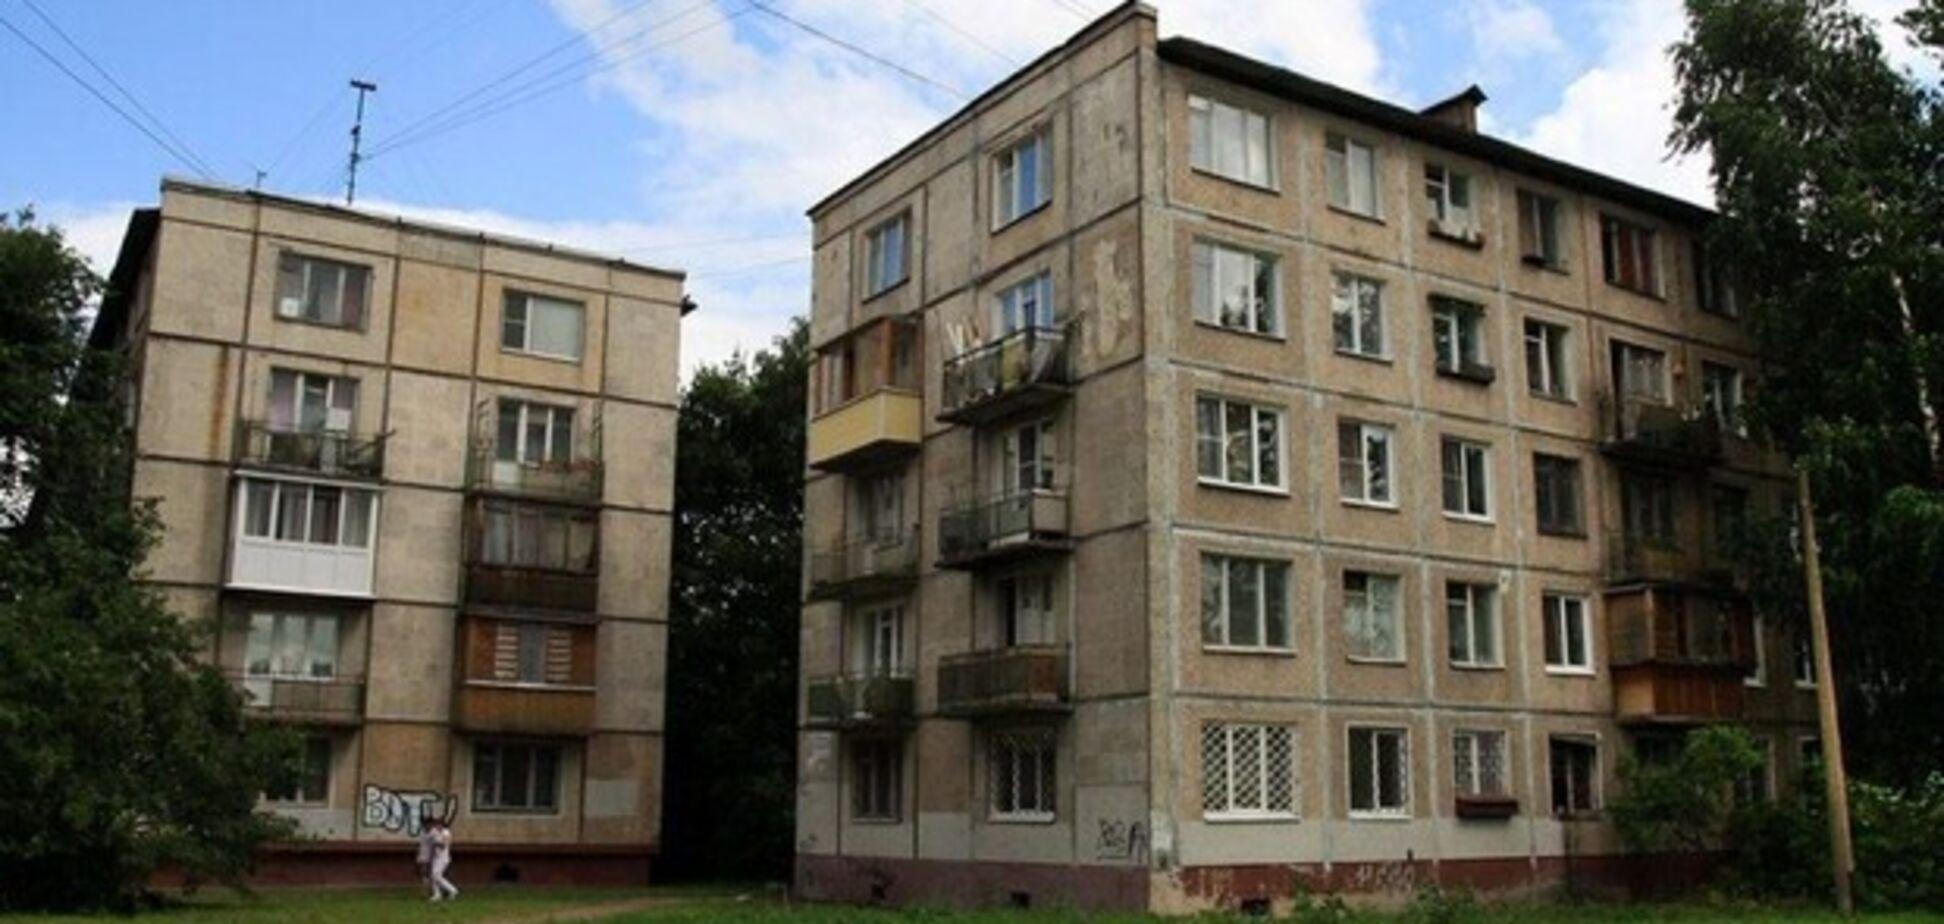 Масштабна реновація: чи допоможе новий закон відновити 190 тисяч старих будинків?